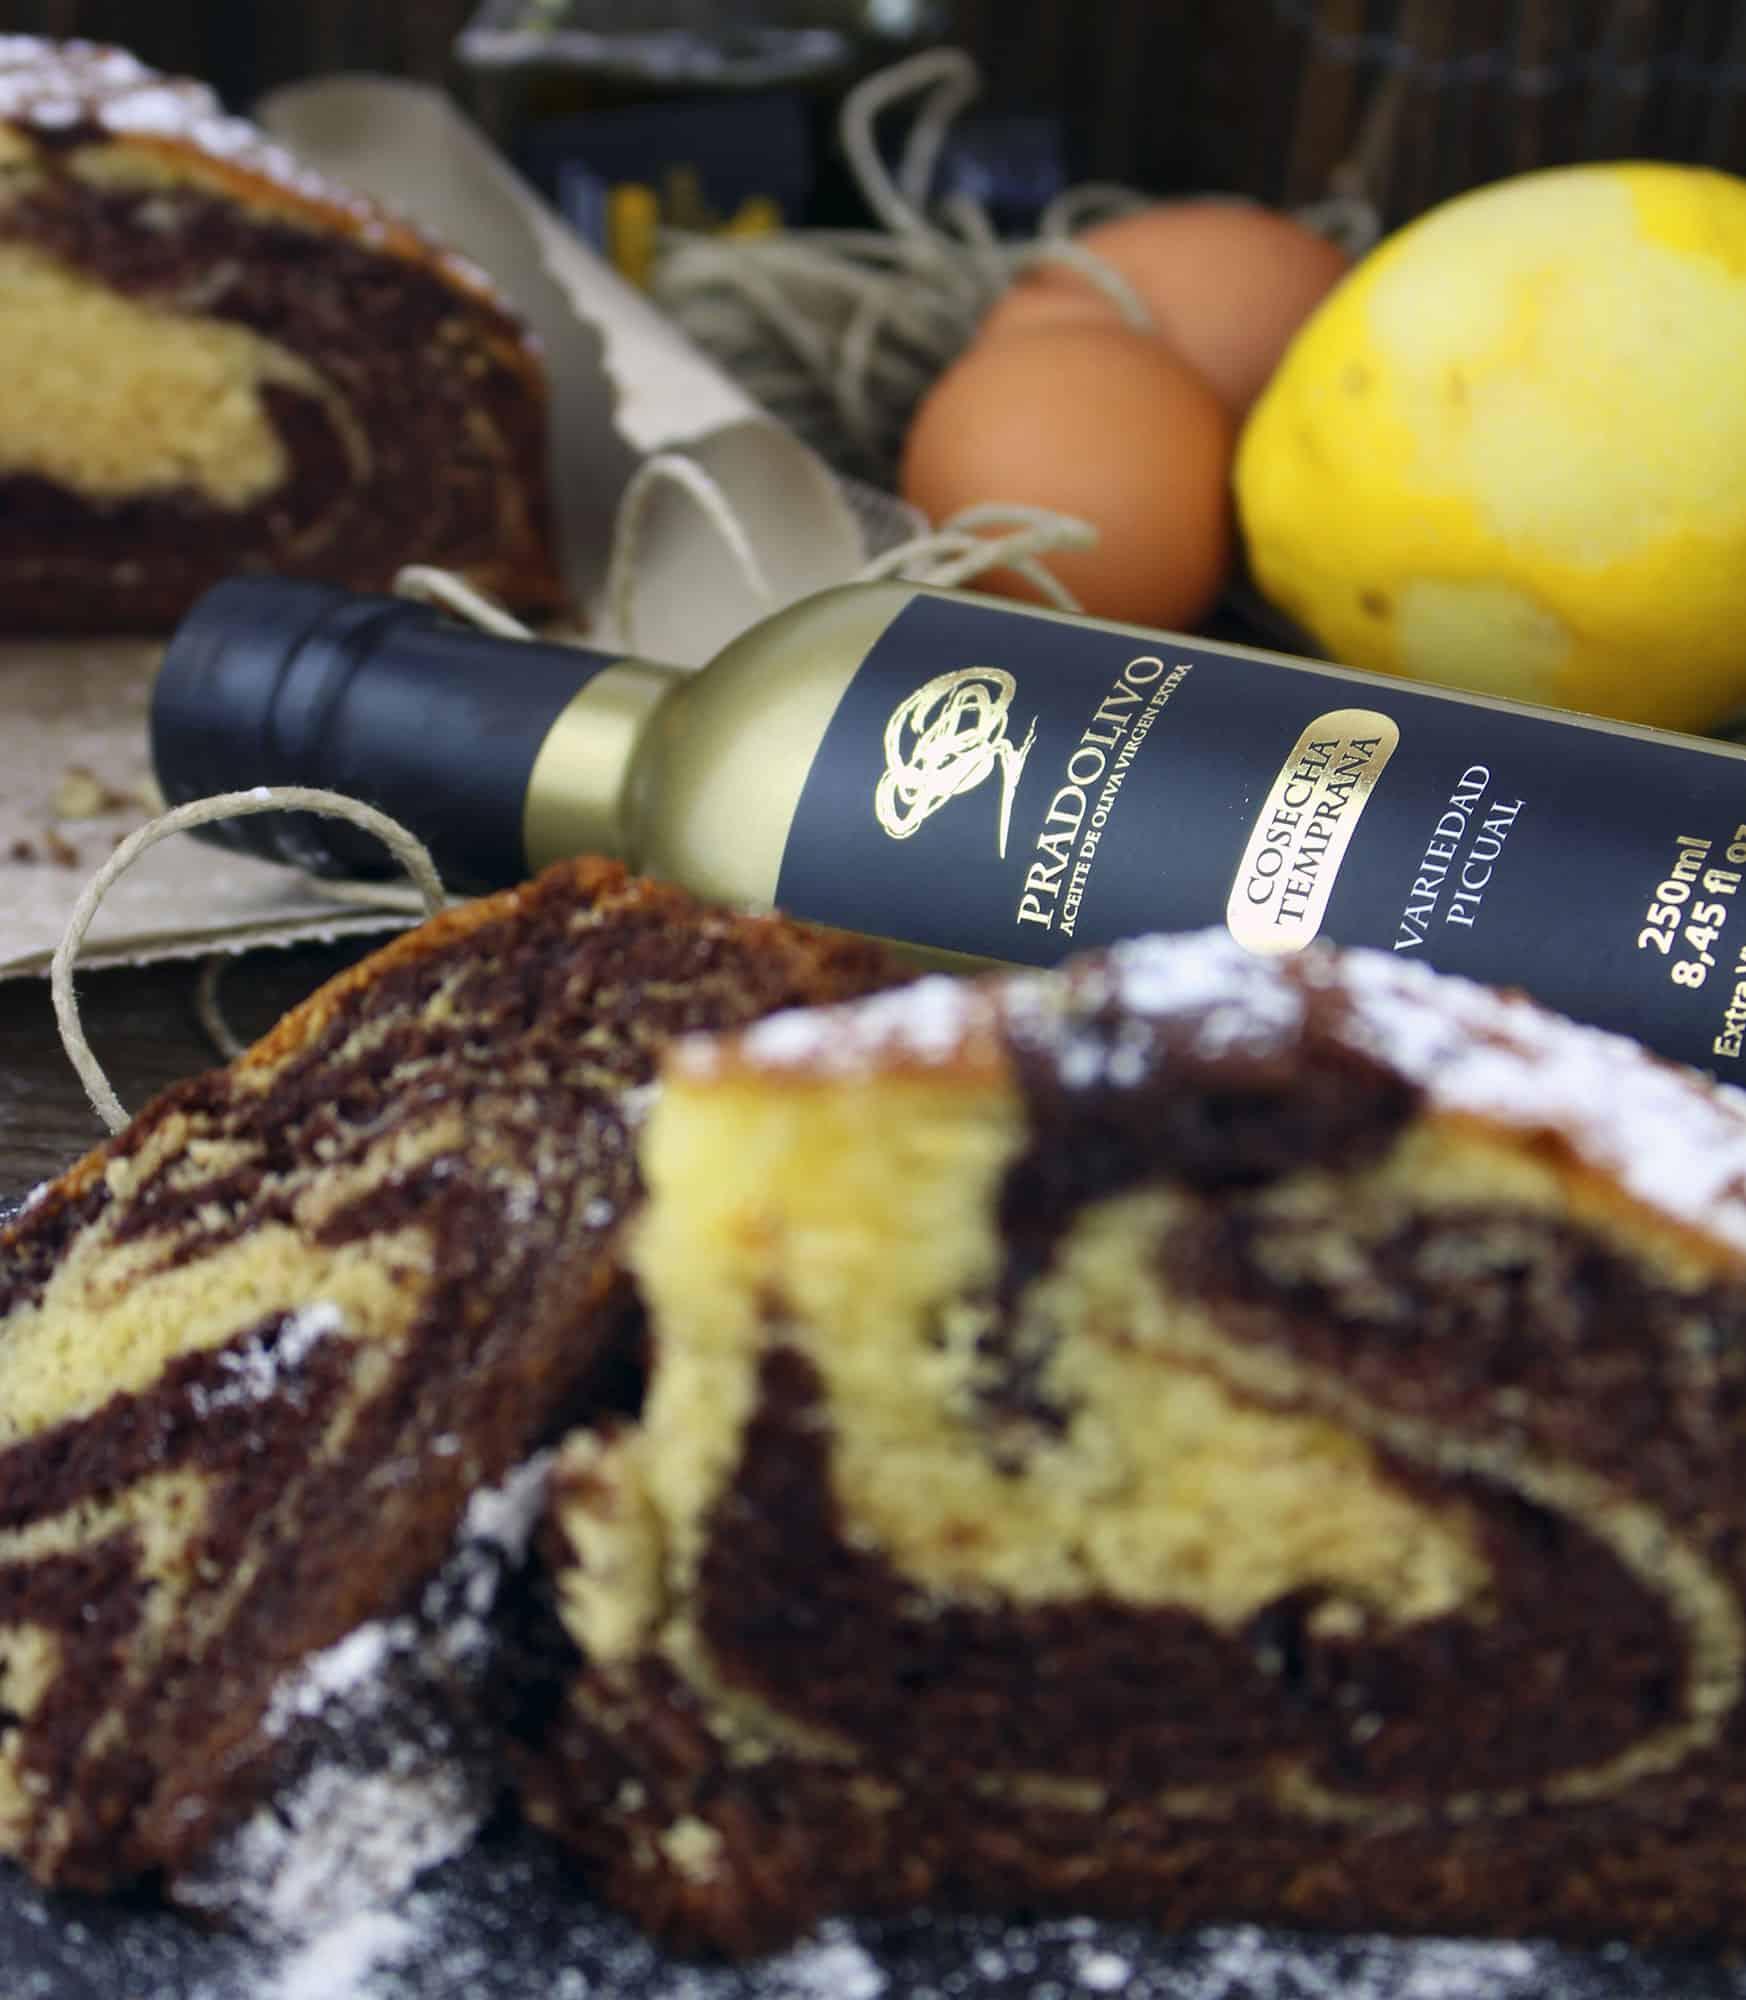 Bizcocho de chocolate con naranja con AOVE Pradolivo